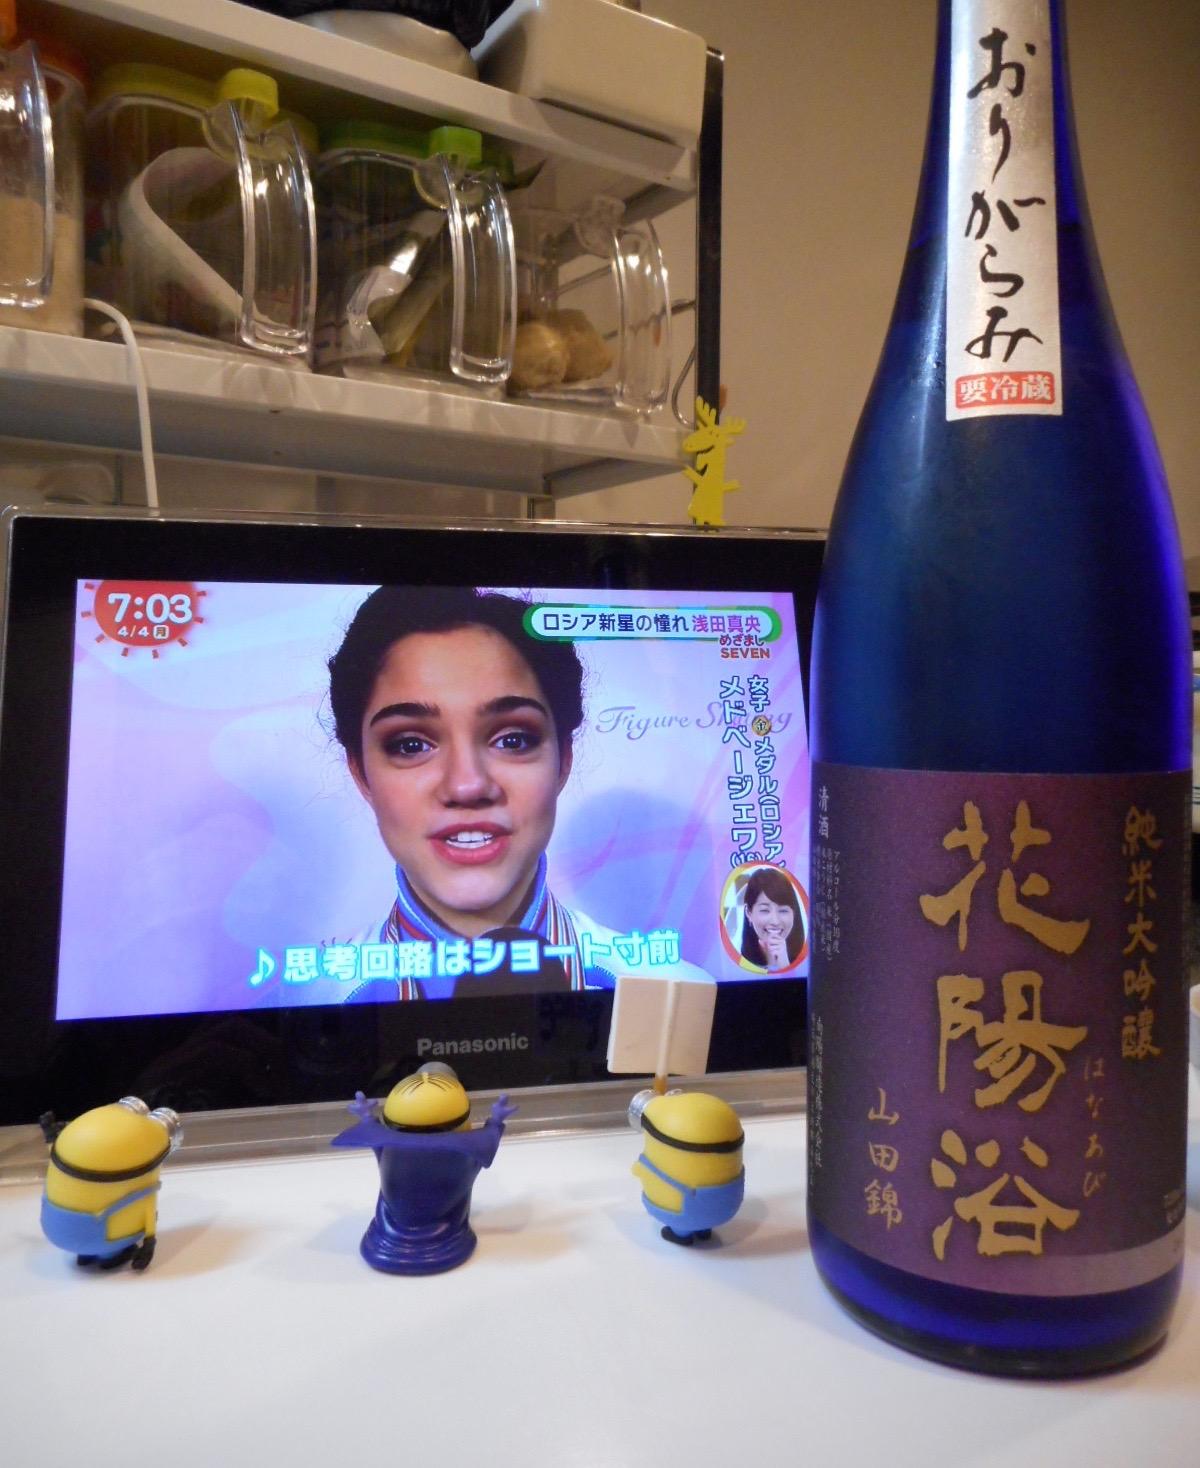 hanaabi_jundai_yamada_ori1.jpg